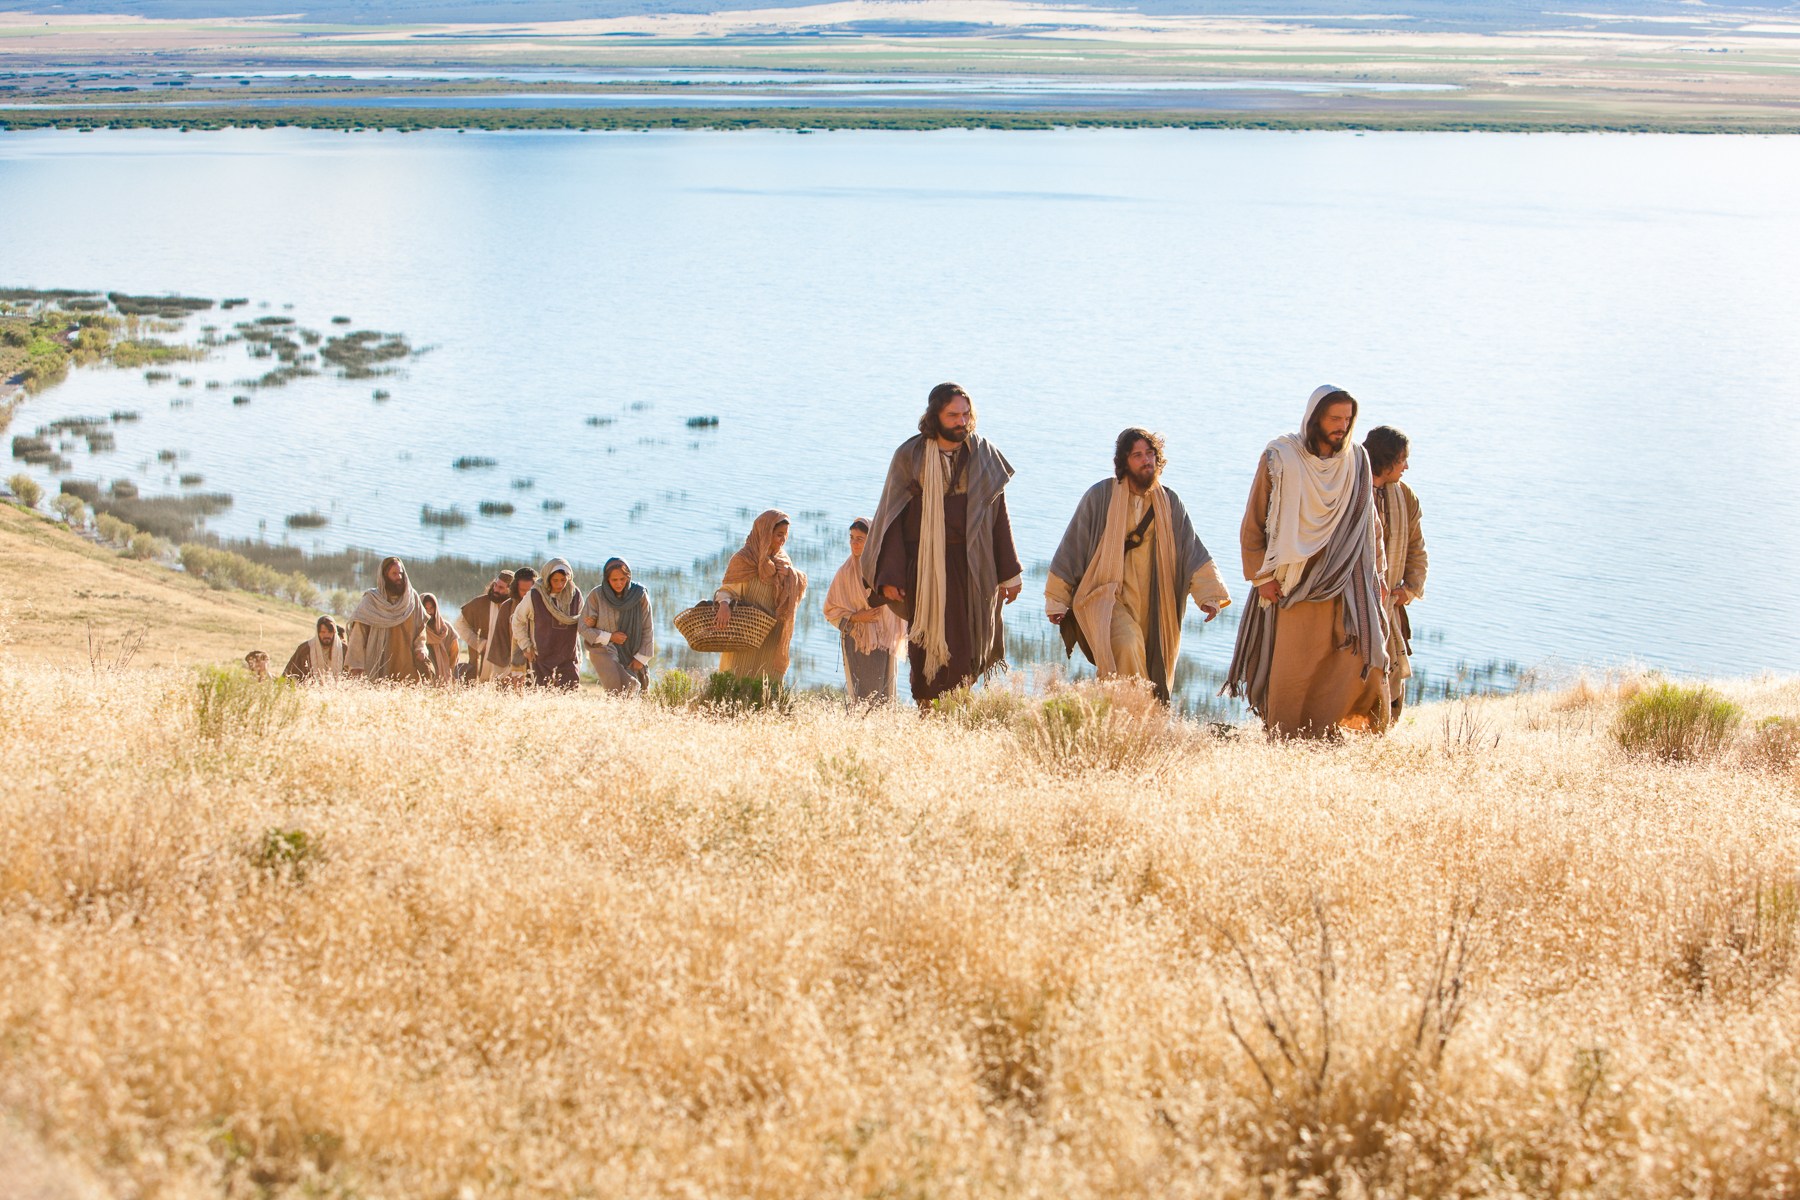 Sermon on the Mount: The Beatitudes - Sermon on the Mount: The